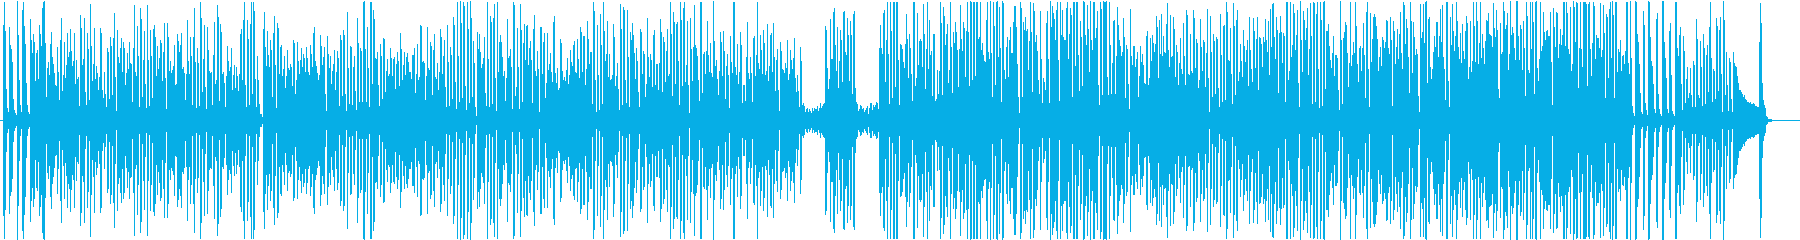 ②ワクワク楽しいピアノソロのラグタイムの再生済みの波形